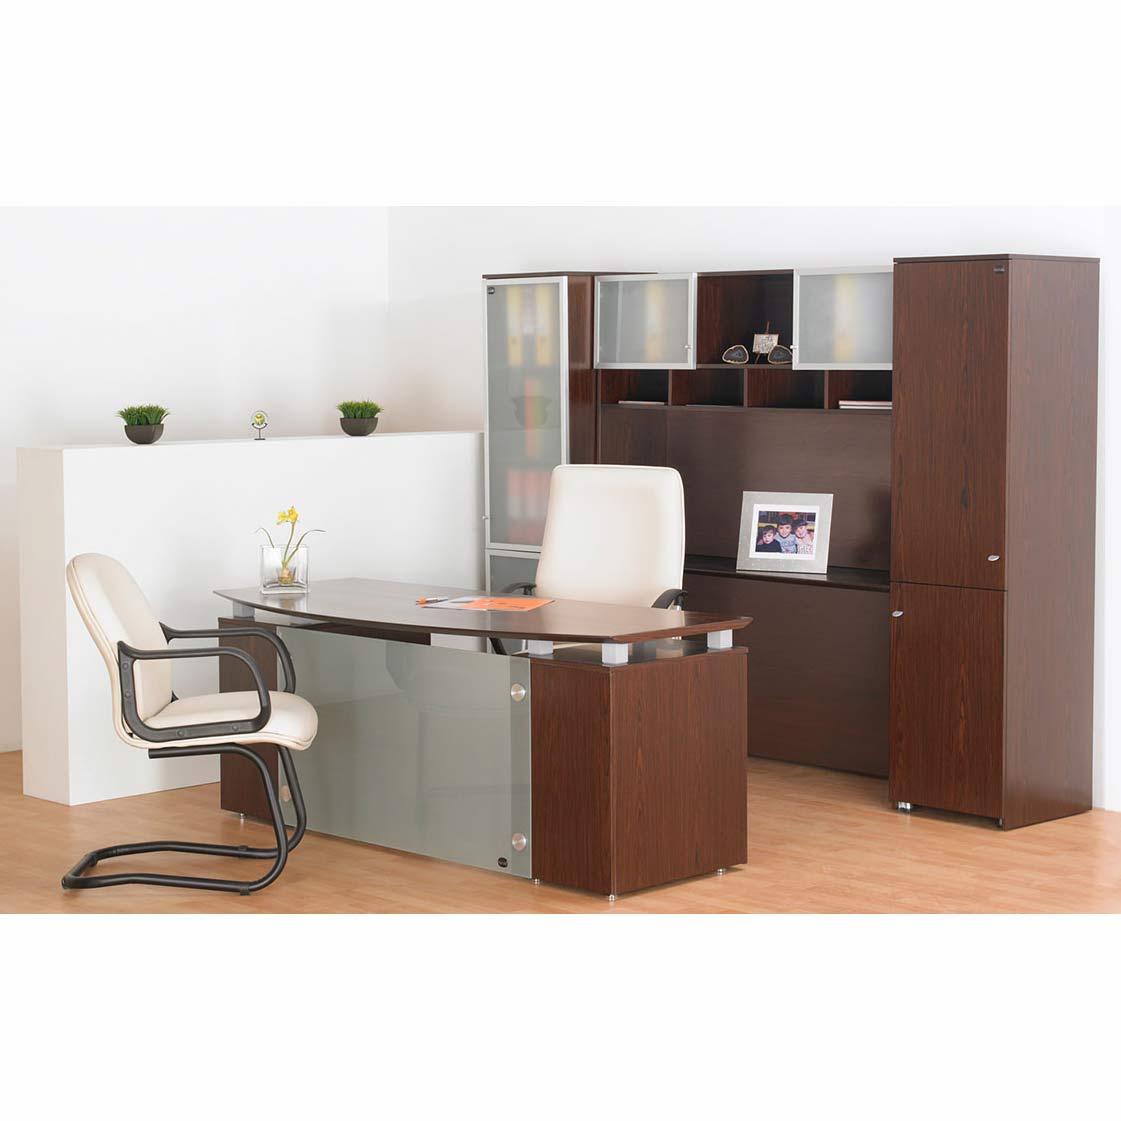 Conjunto directivo ancona grupo meta soluciones de for Conjunto muebles oficina